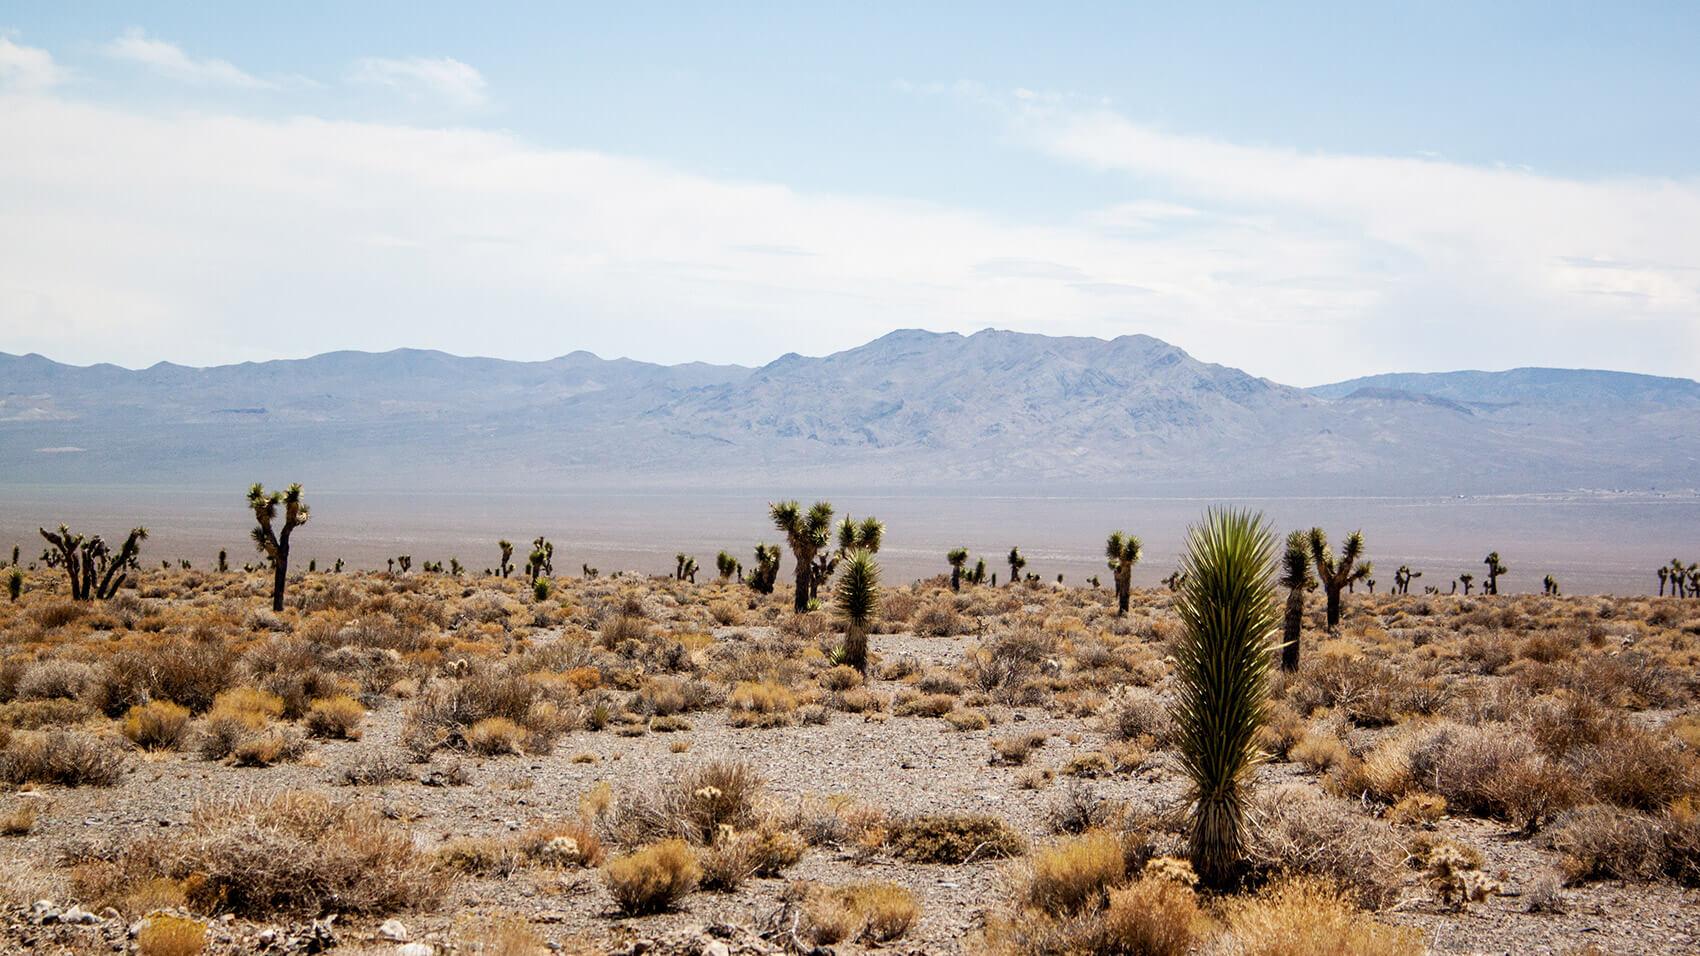 Joshua trees in the Arizona Desert